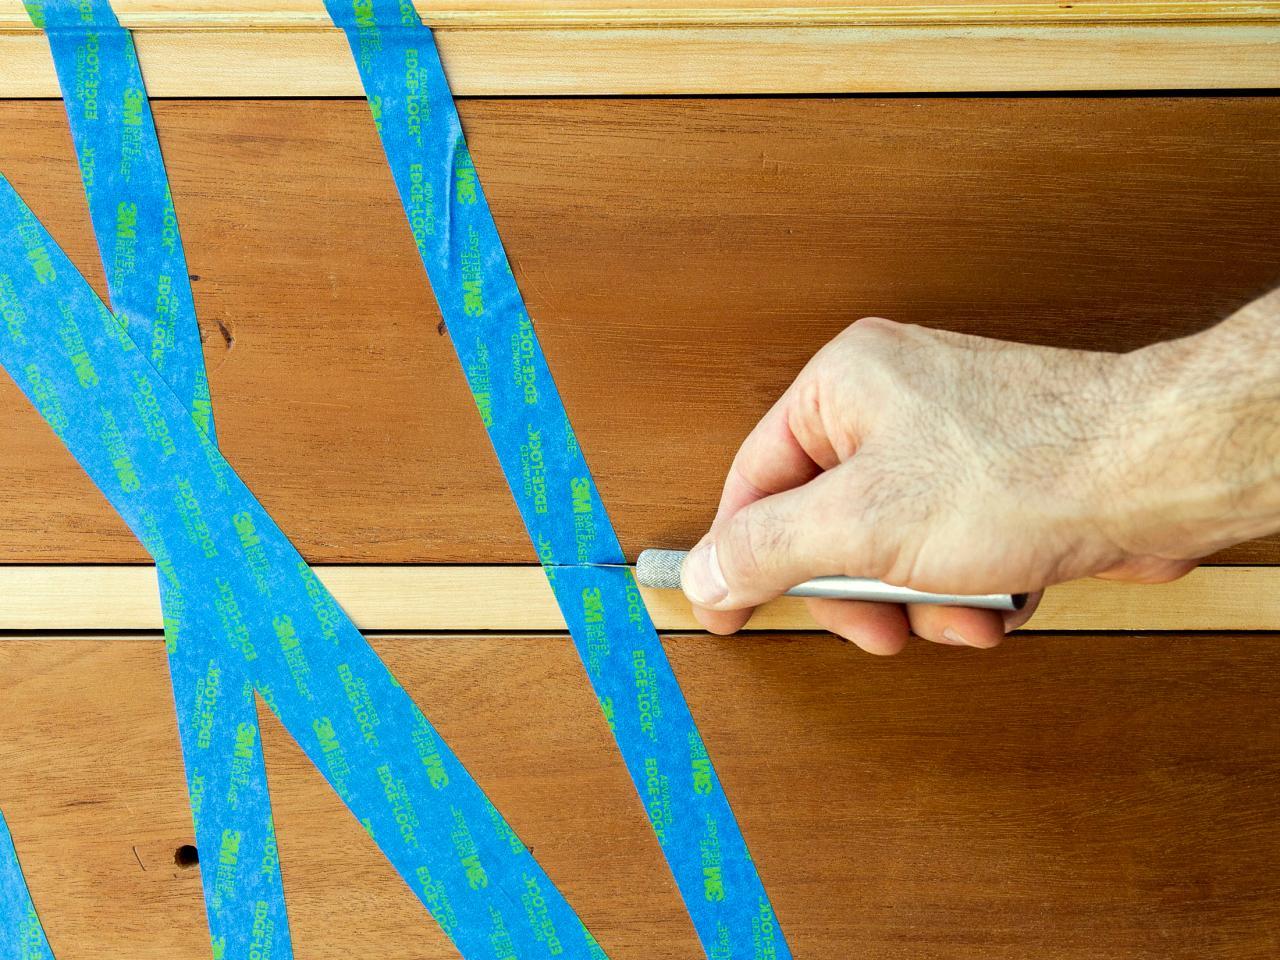 Как обновить комод своими руками - делаем надрезы на скотче